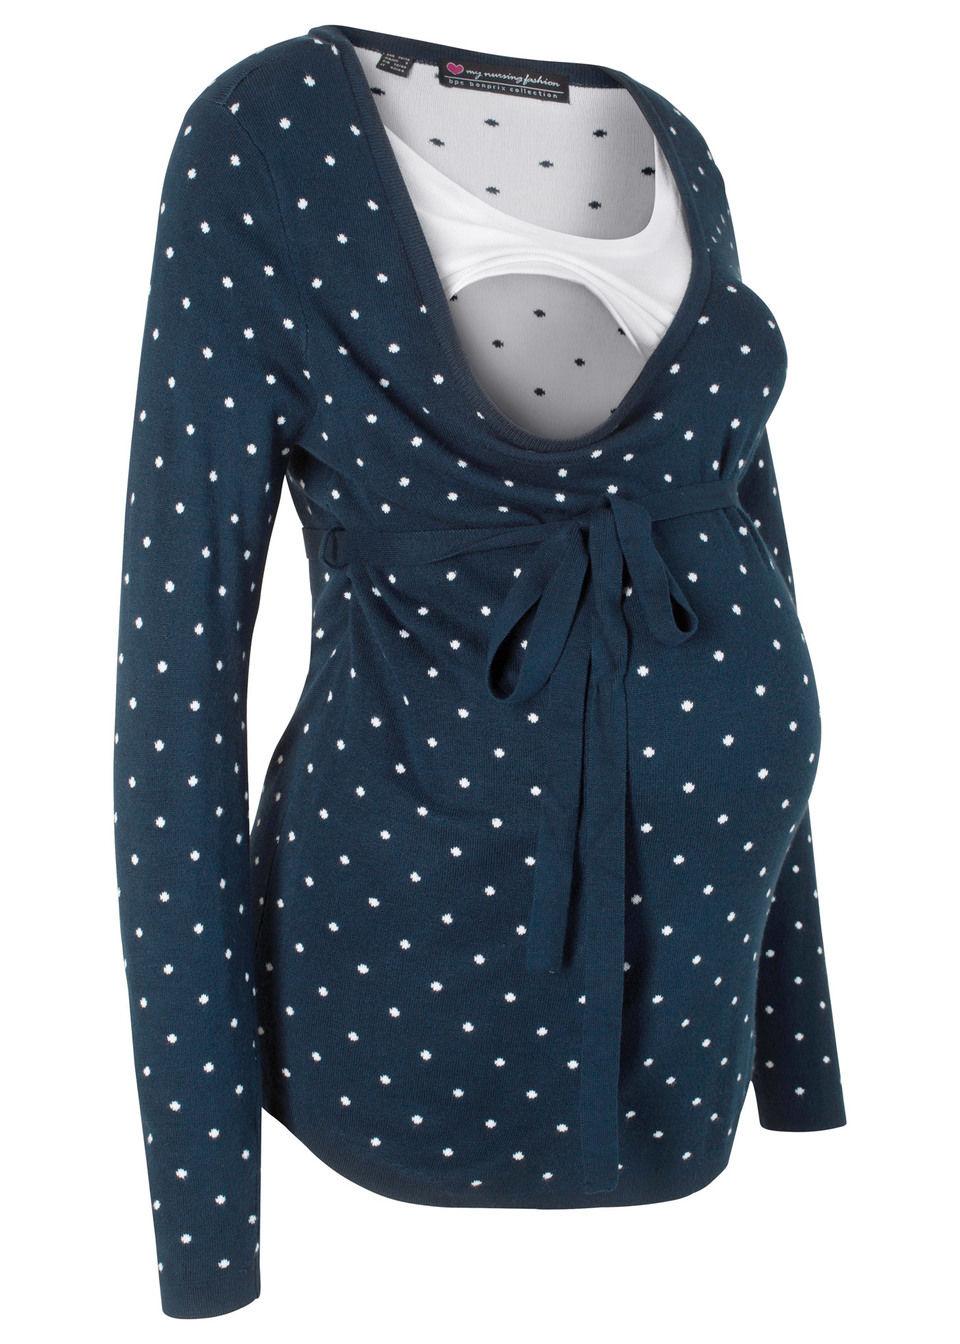 Купить Для будущих и кормящих мам: пуловер, bonprix, темно-синий в горошек